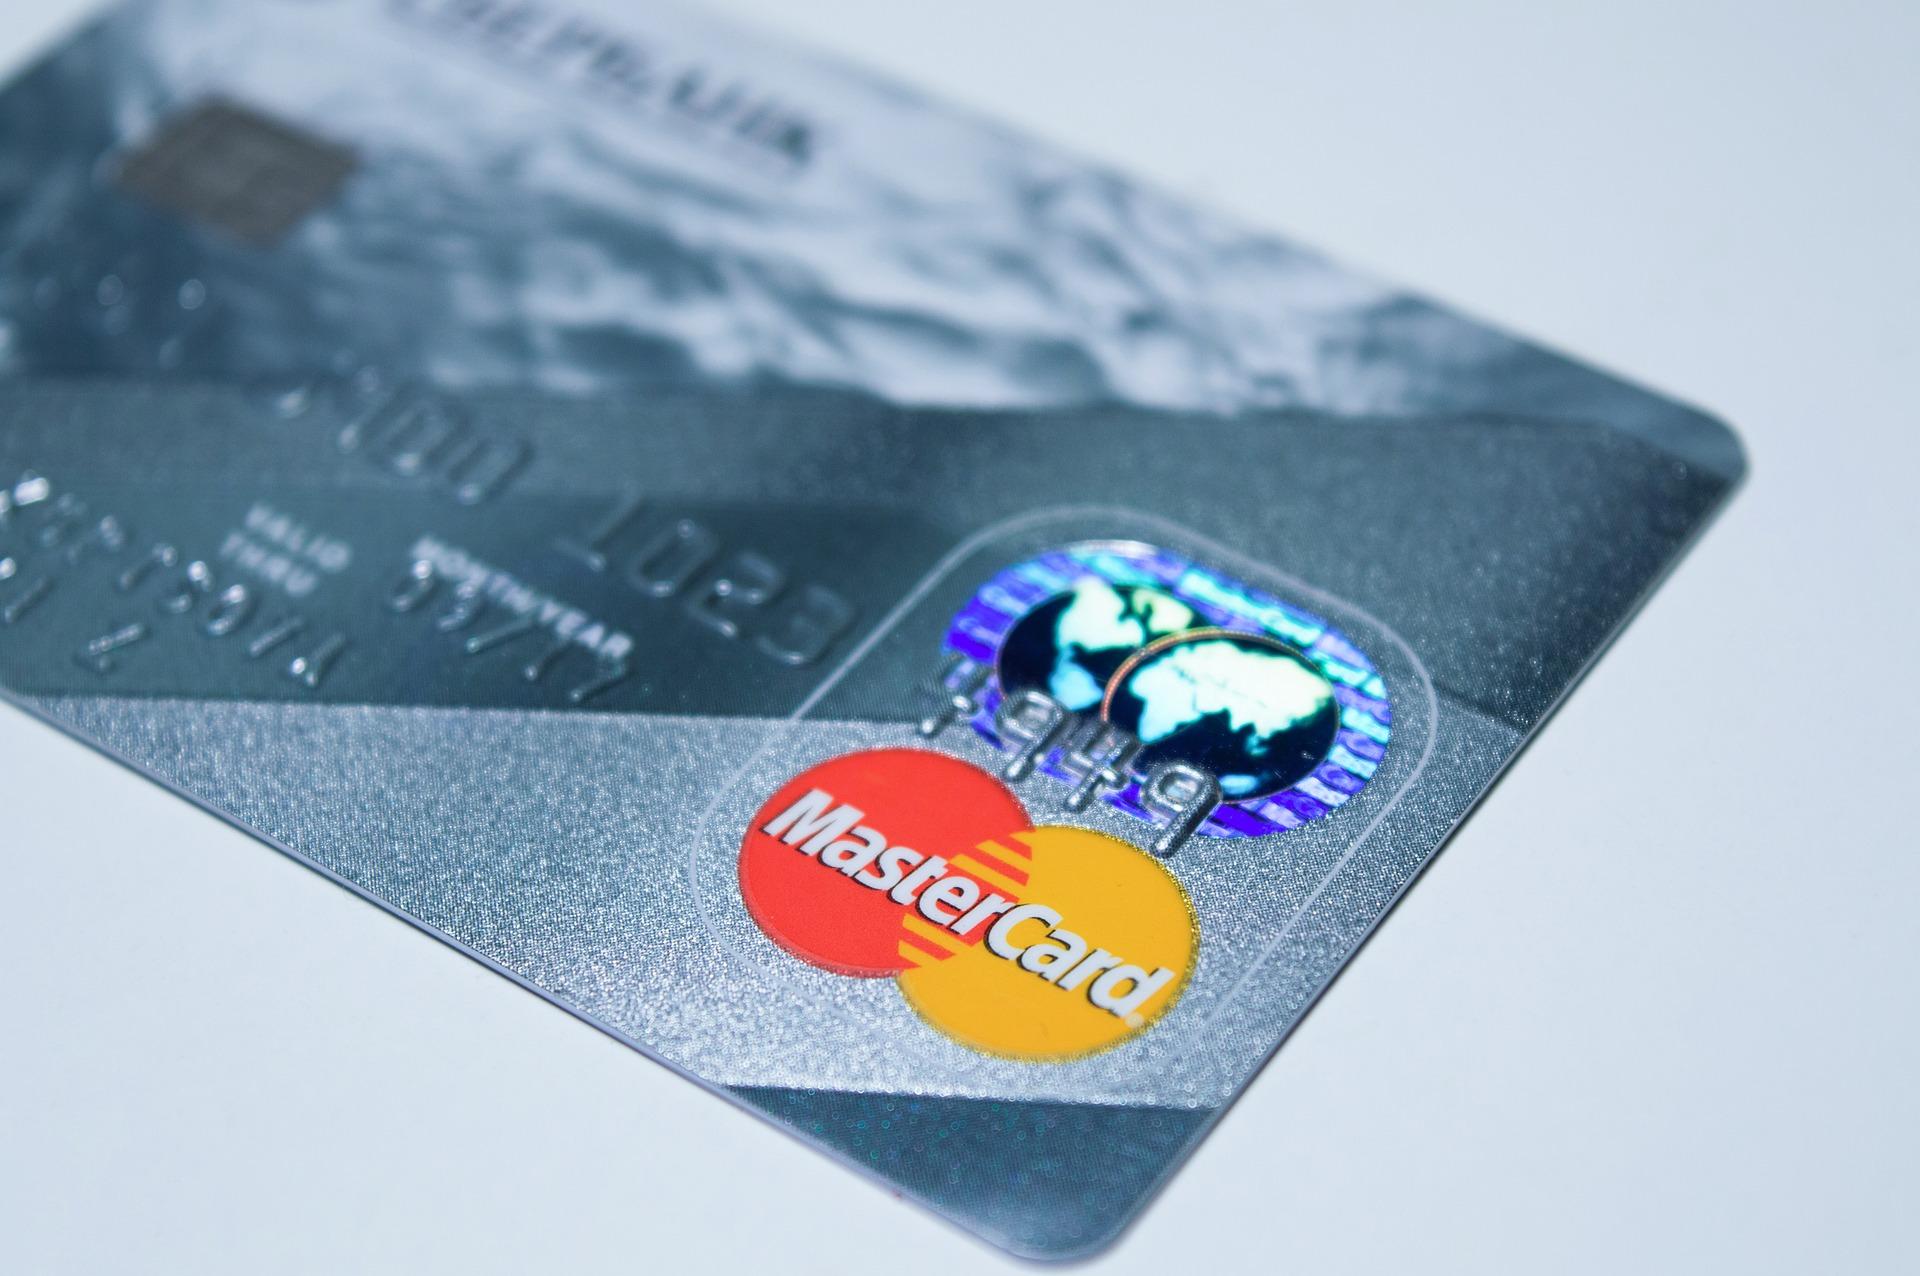 비자에 이어 마스터카드도 비트코인 결제 도입 계획